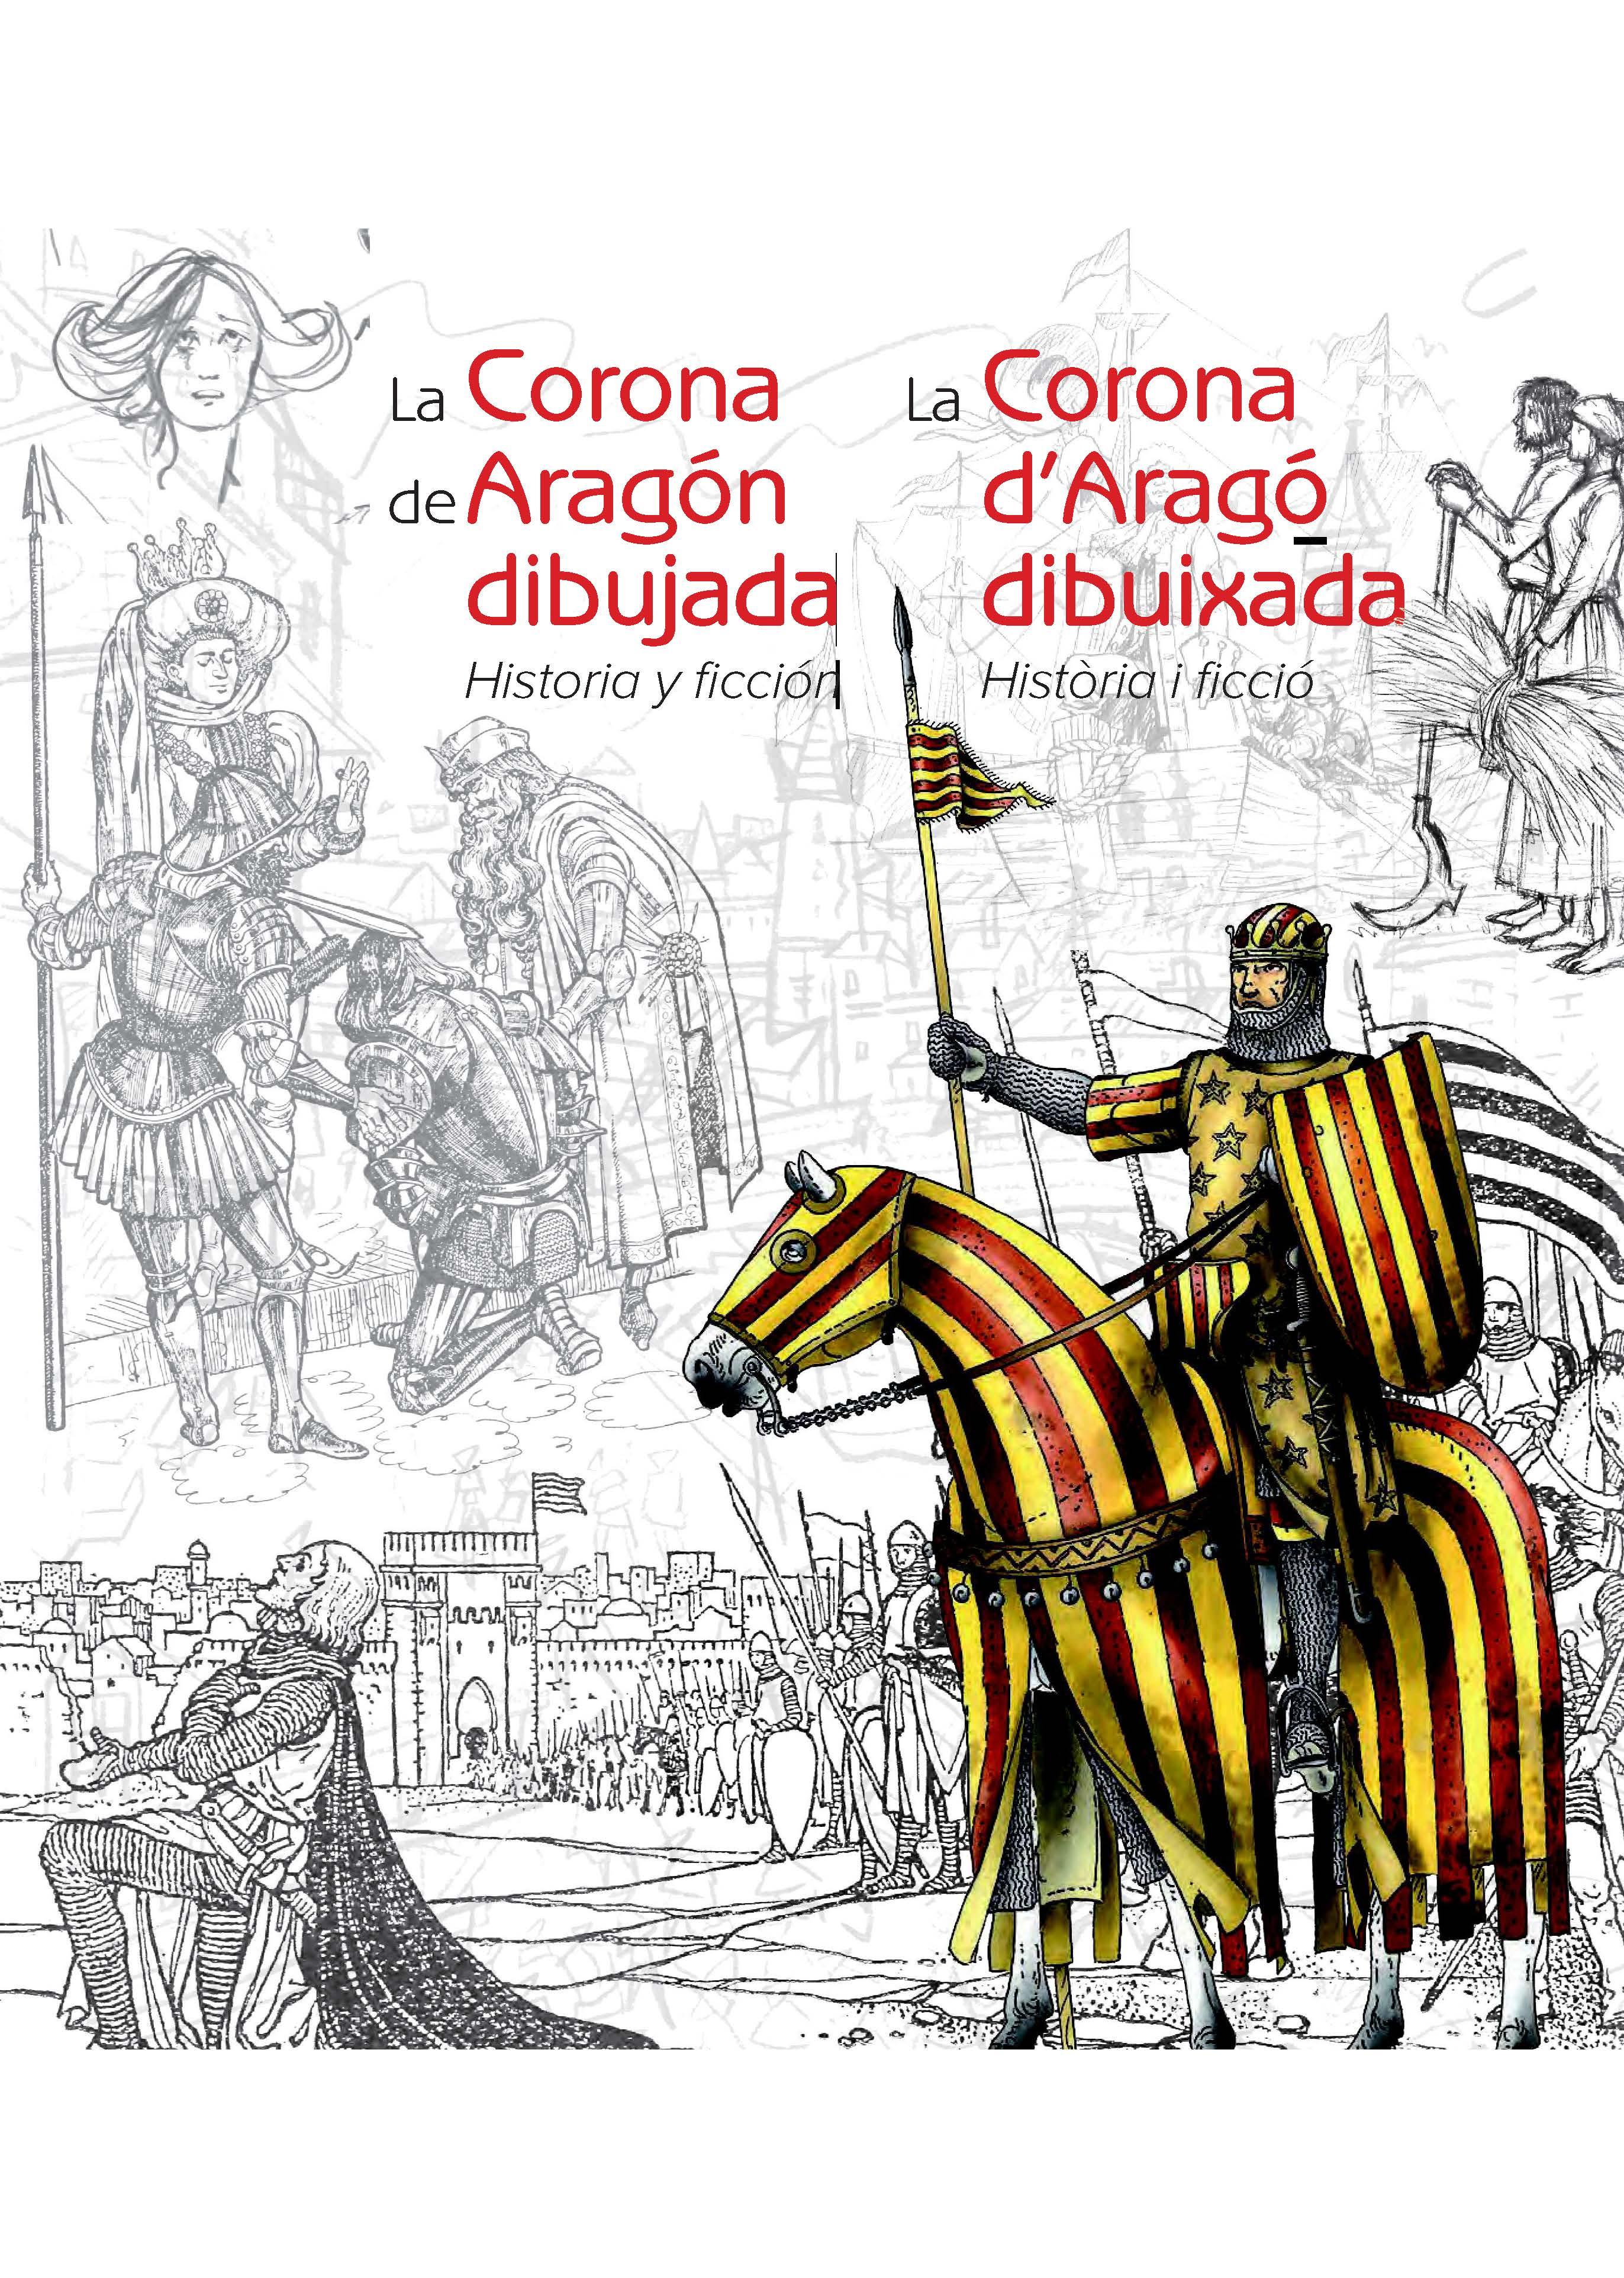 la-corona-de-aragon-dibujada-historia-y-ficcion--la-corona-d-arago-dibuixada-historia-i-ficcio